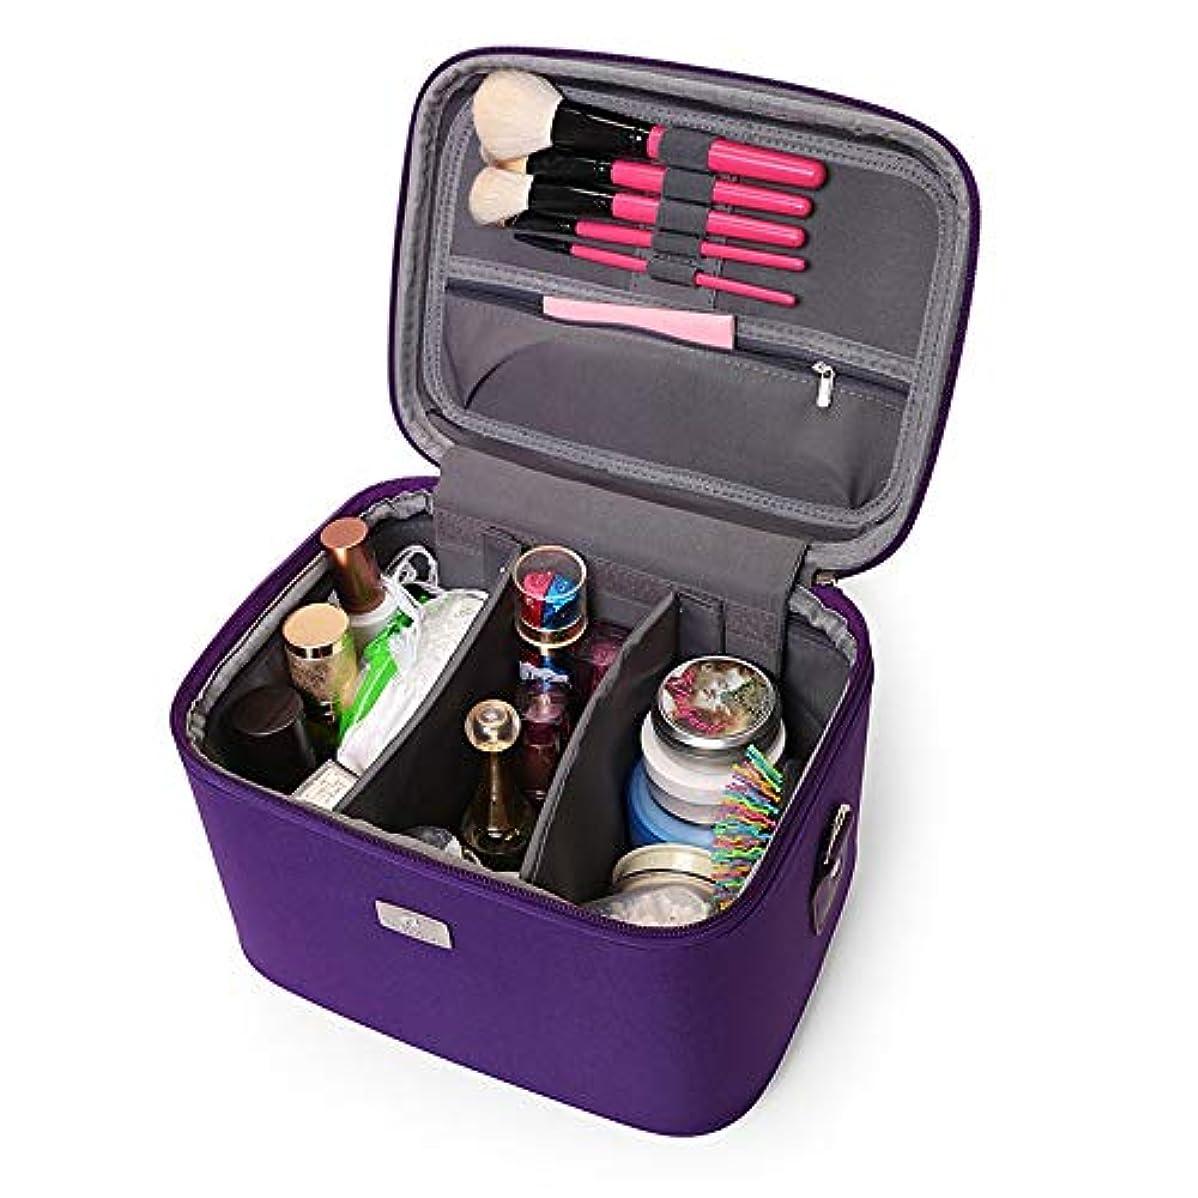 骨パッケージ階化粧オーガナイザーバッグ 14インチのメイクアップトラベルバッグPUレター防水化粧ケースのティーン女の子の女性アーティスト 化粧品ケース (色 : 紫の)